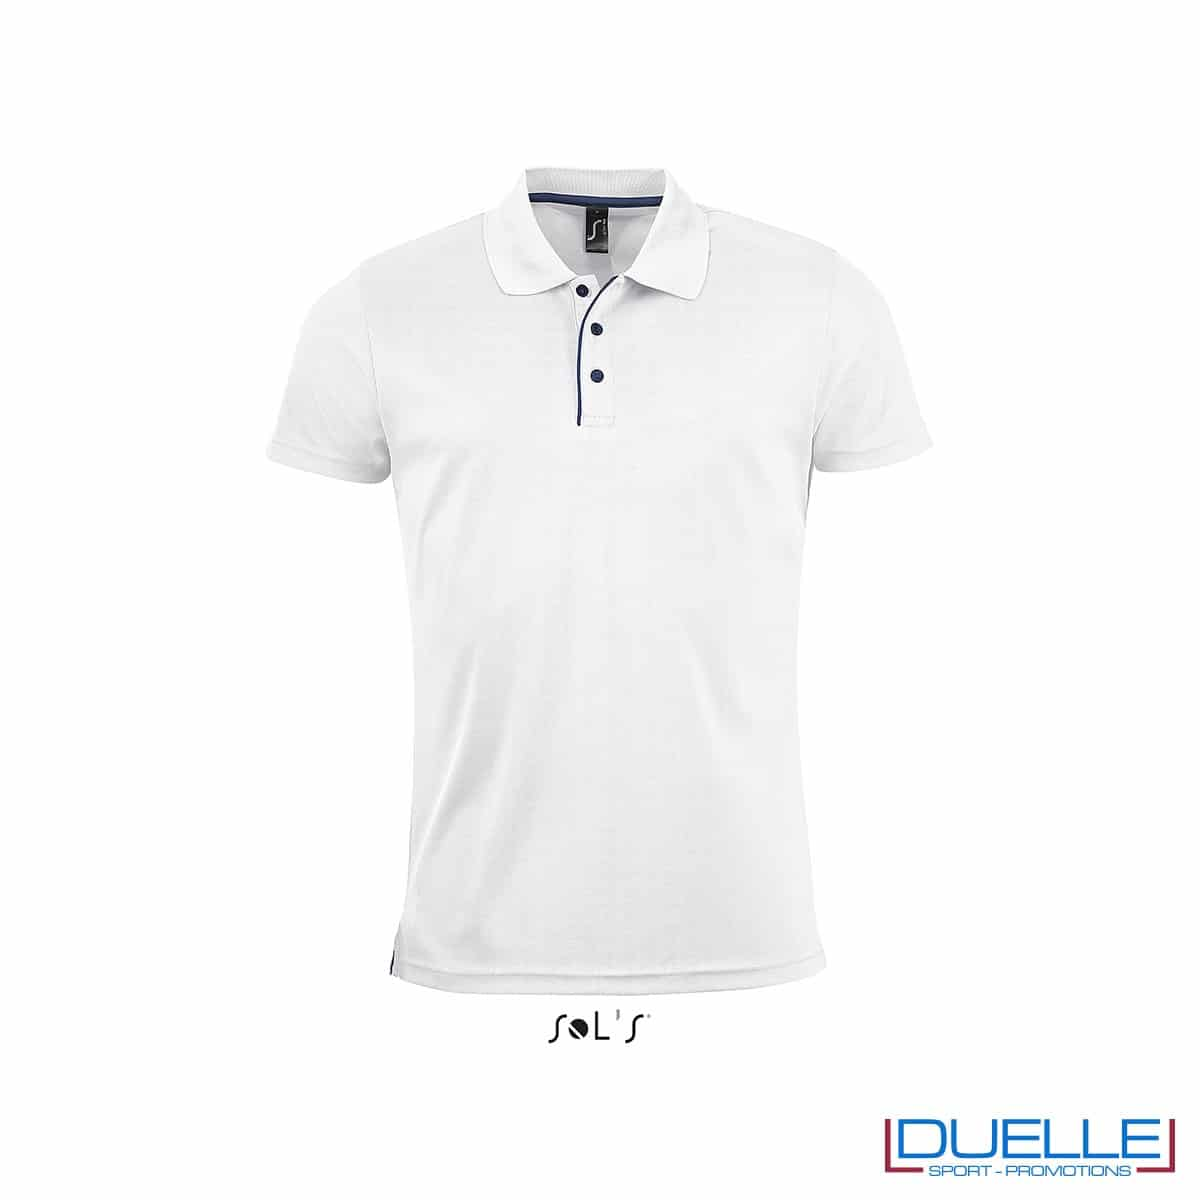 polo personalizzata sportiva in poliestere traspirante colore bianco, polo personalizzata, abbigliamento sportivo personalizzato